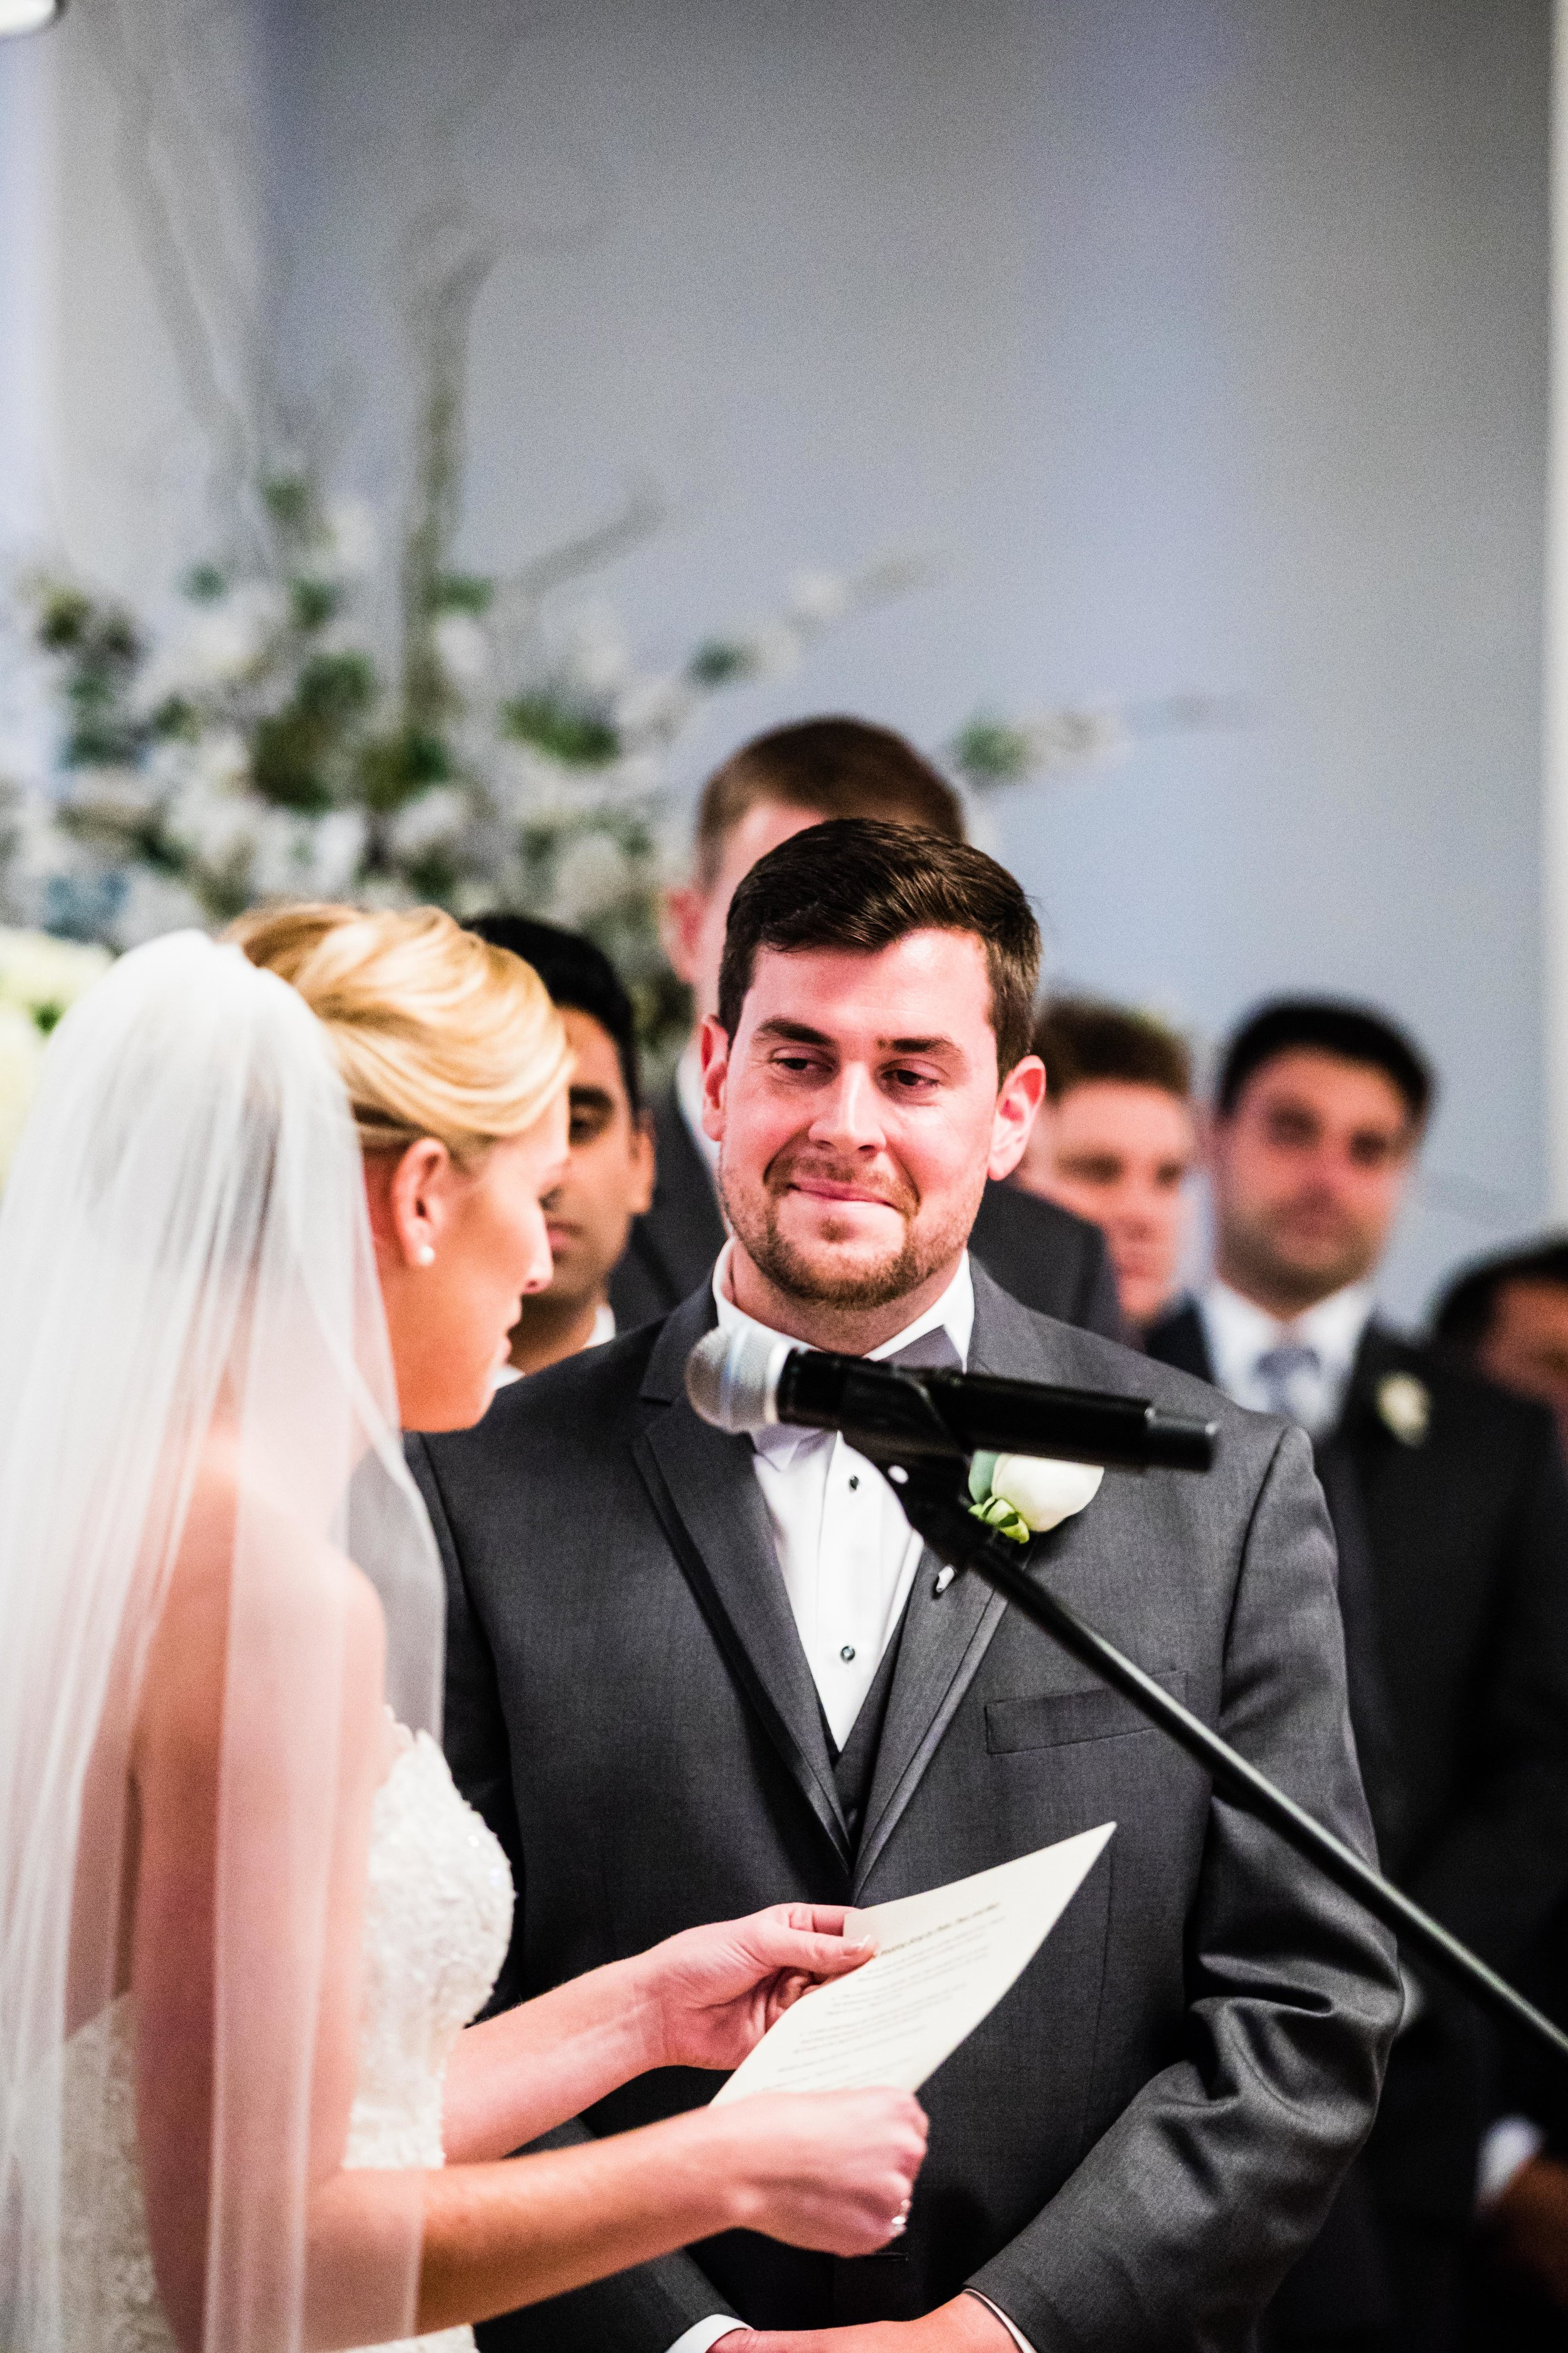 TENDENZA FISHTOWN PHILADELPHIA WEDDING - 112.jpg